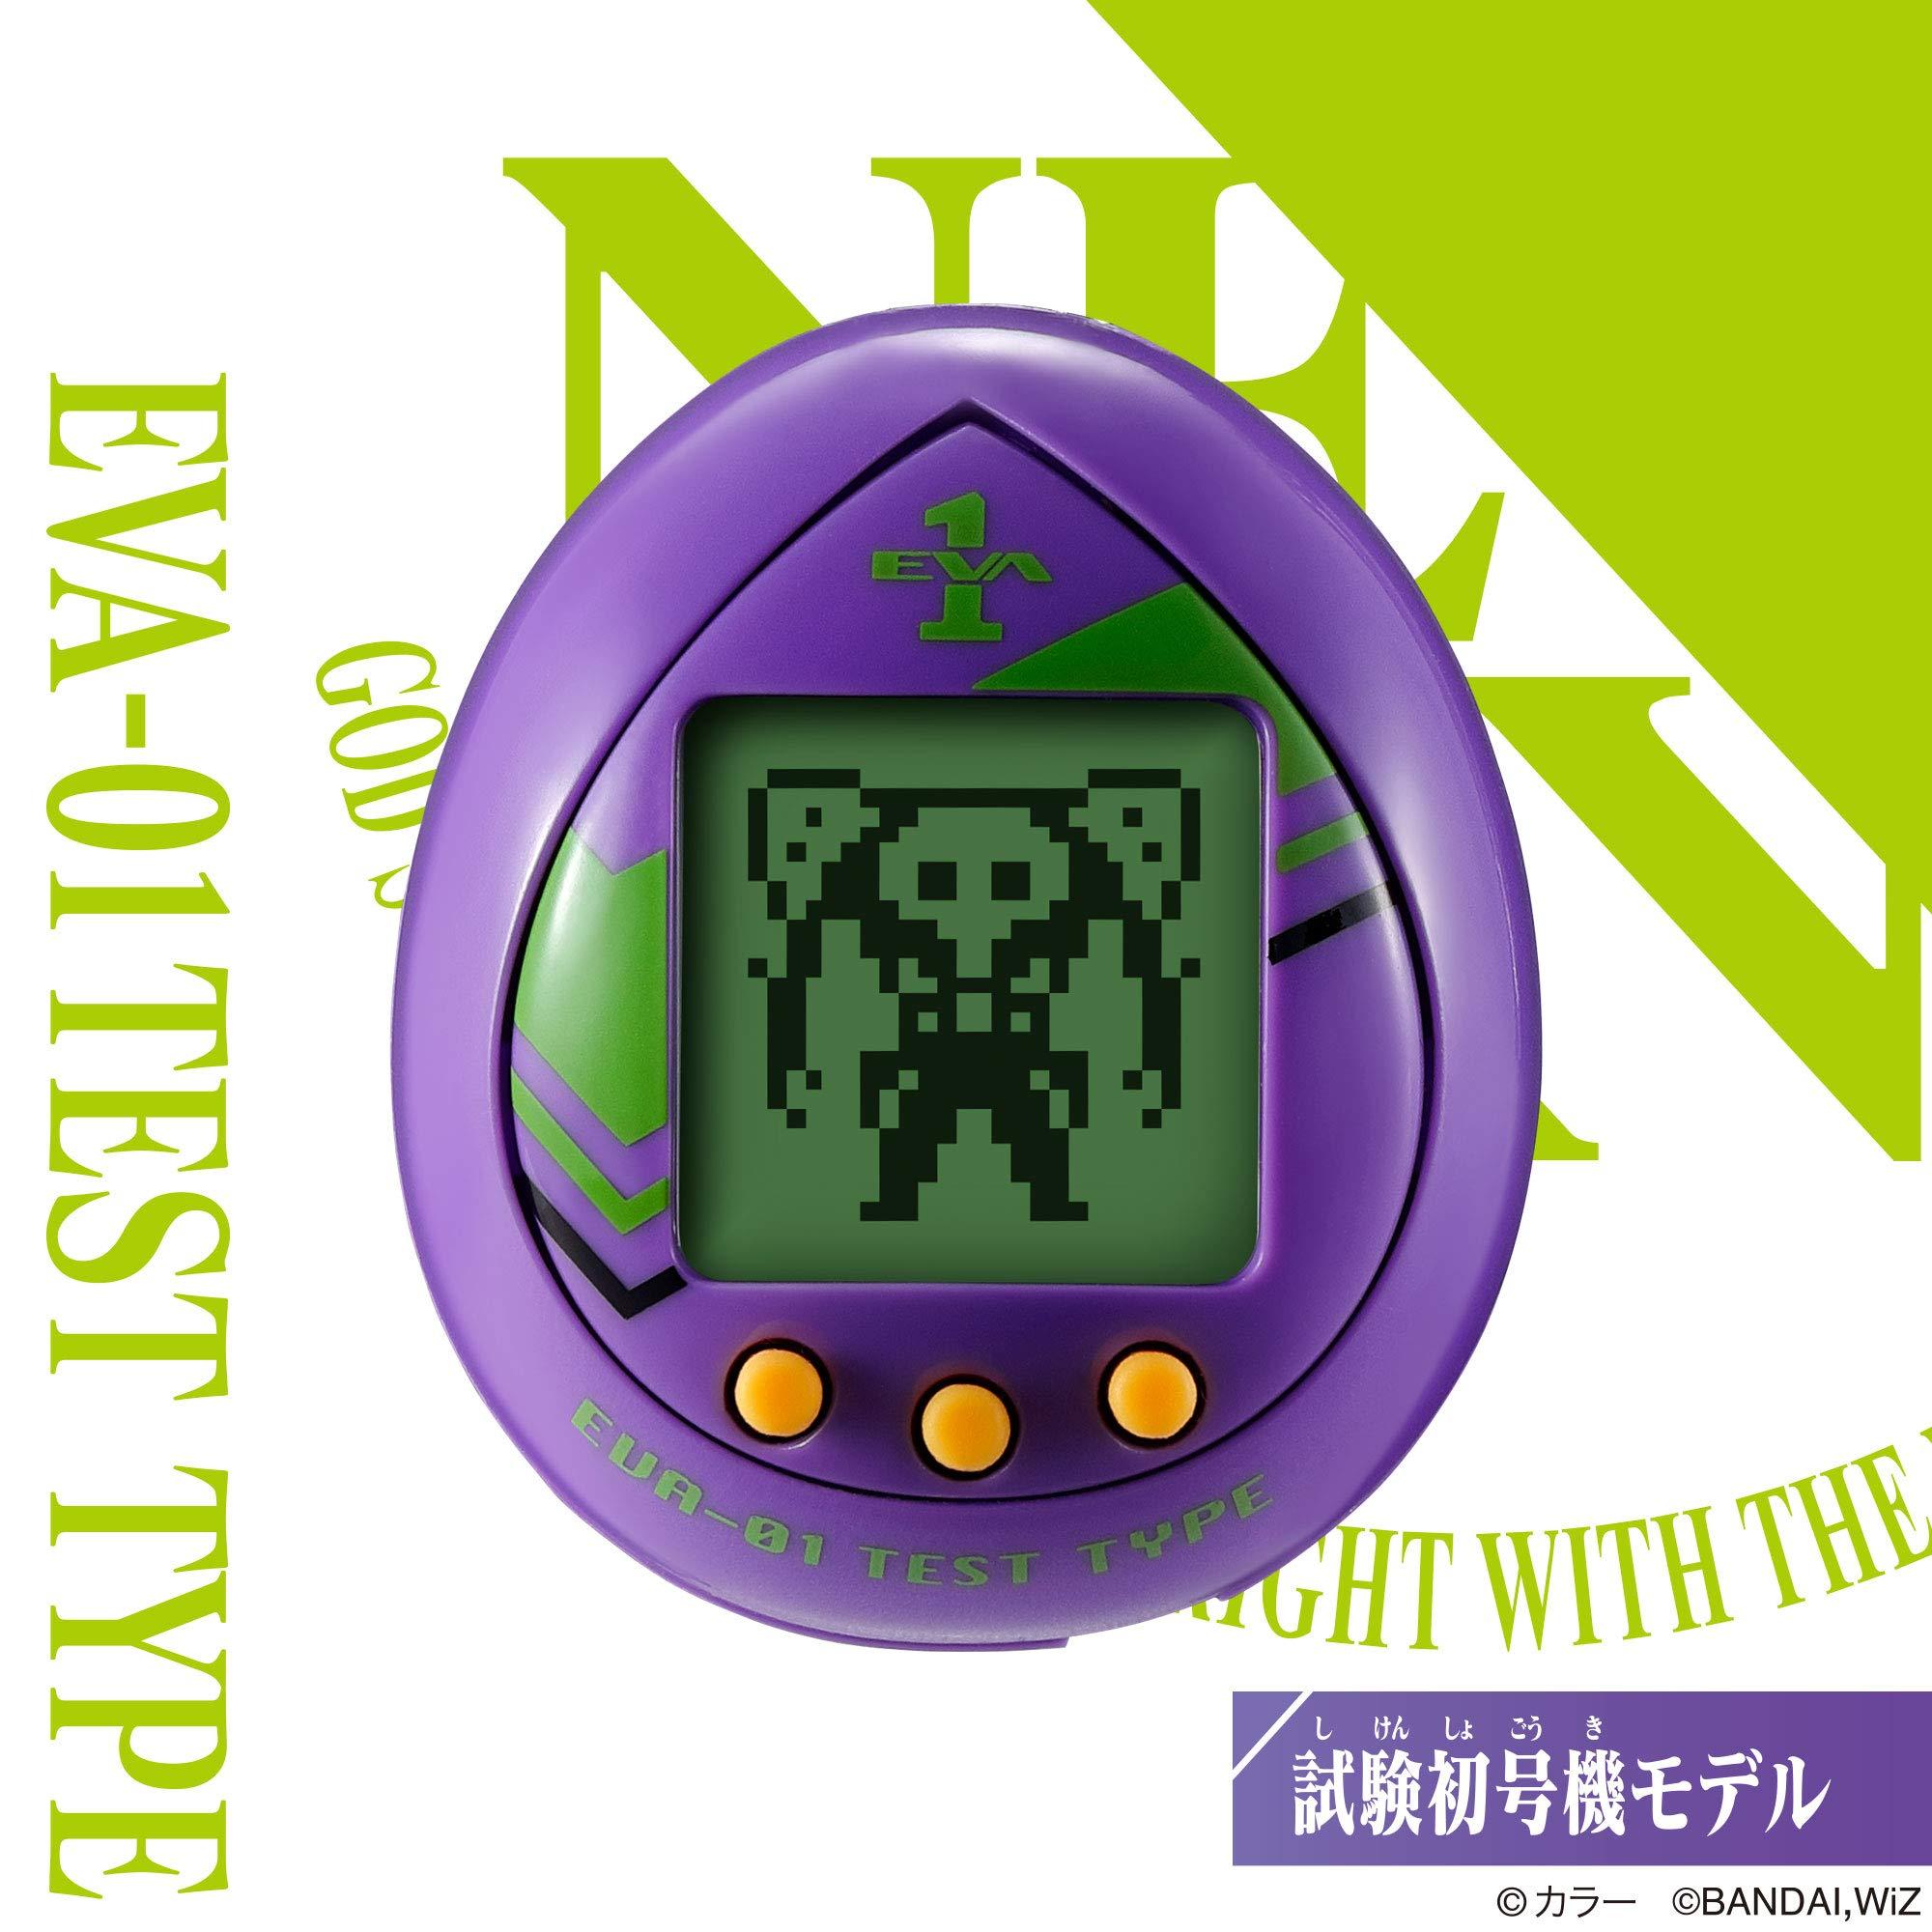 エヴァンゲリオンたまごっち「汎用卵型決戦兵器 エヴァっち」入荷&販売!